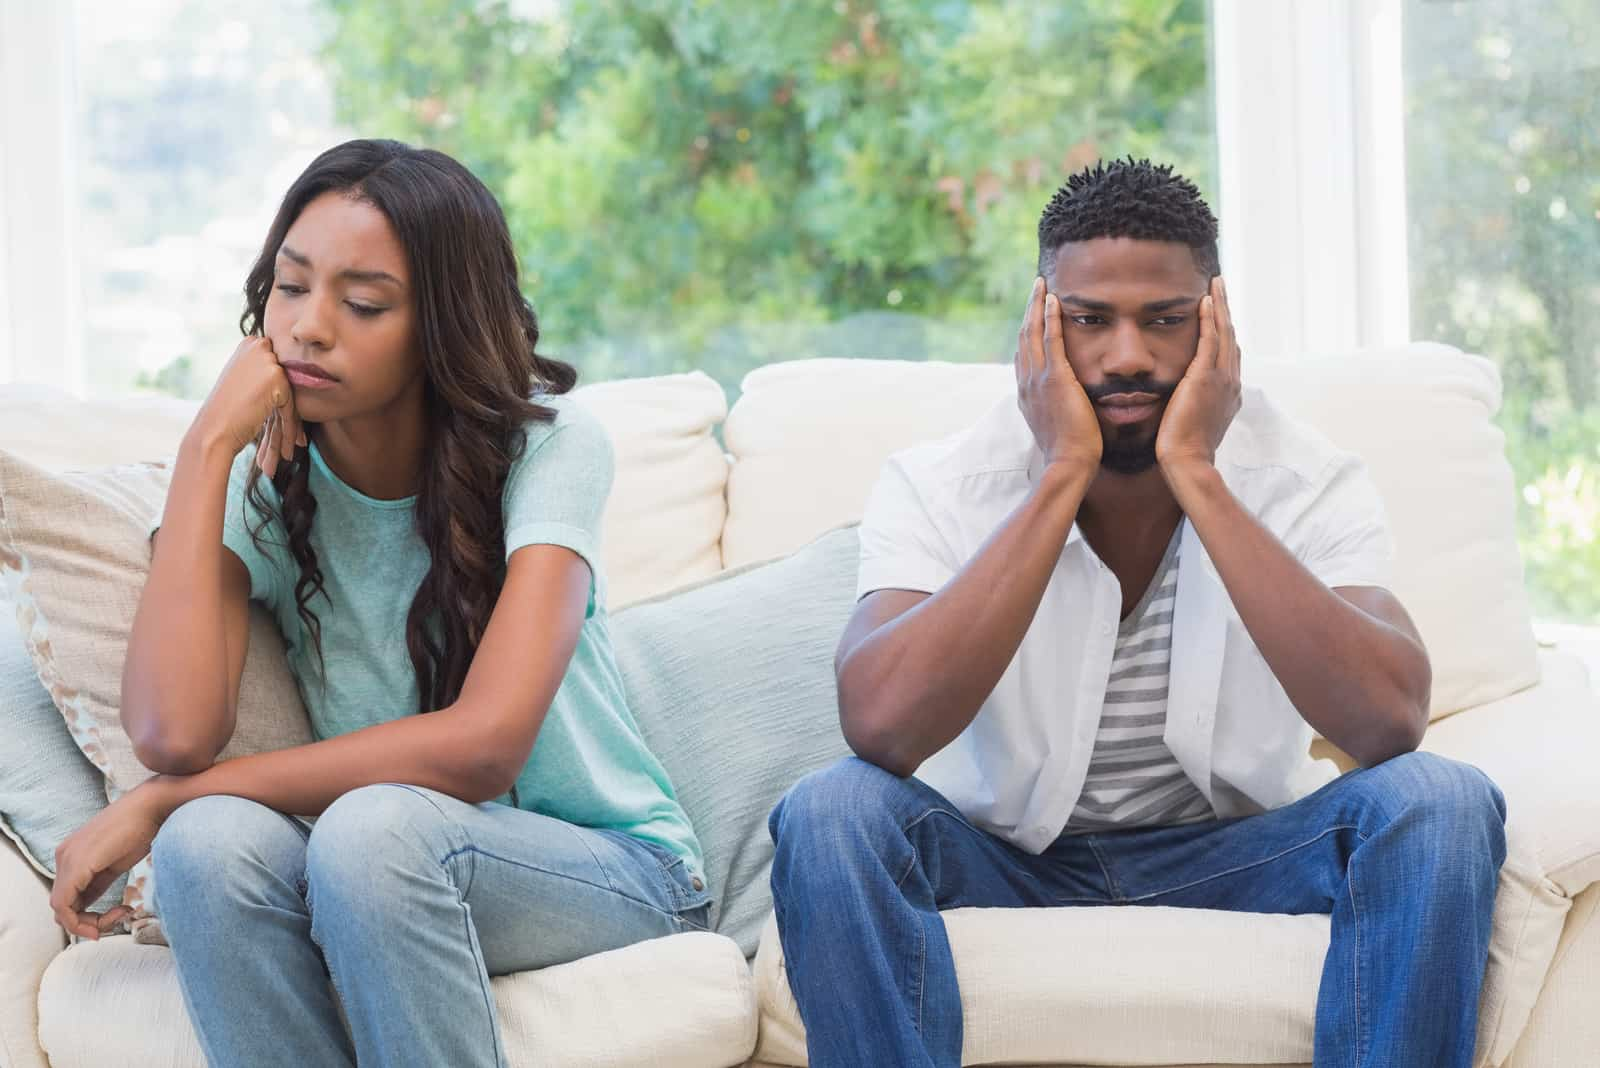 homme et femme tristes assis sur un canapé